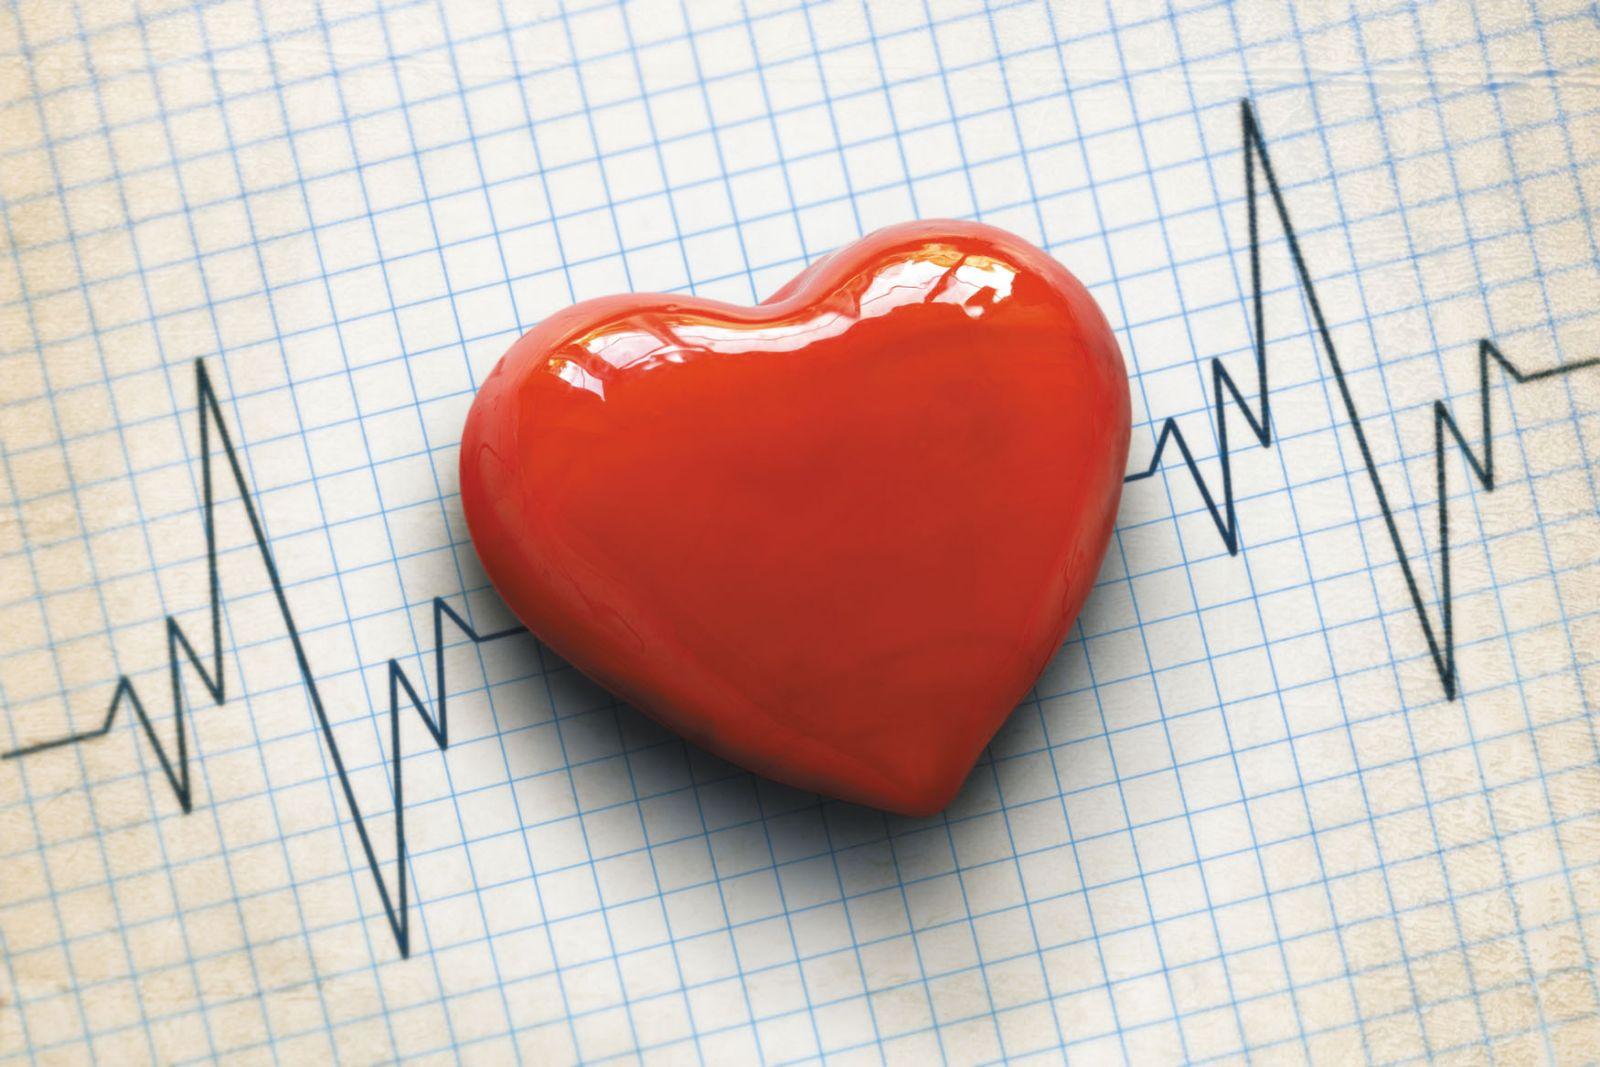 โรคหัวใจ สาเหตุอันดับที่ 2 การเสียชีวิตประชากรไทย